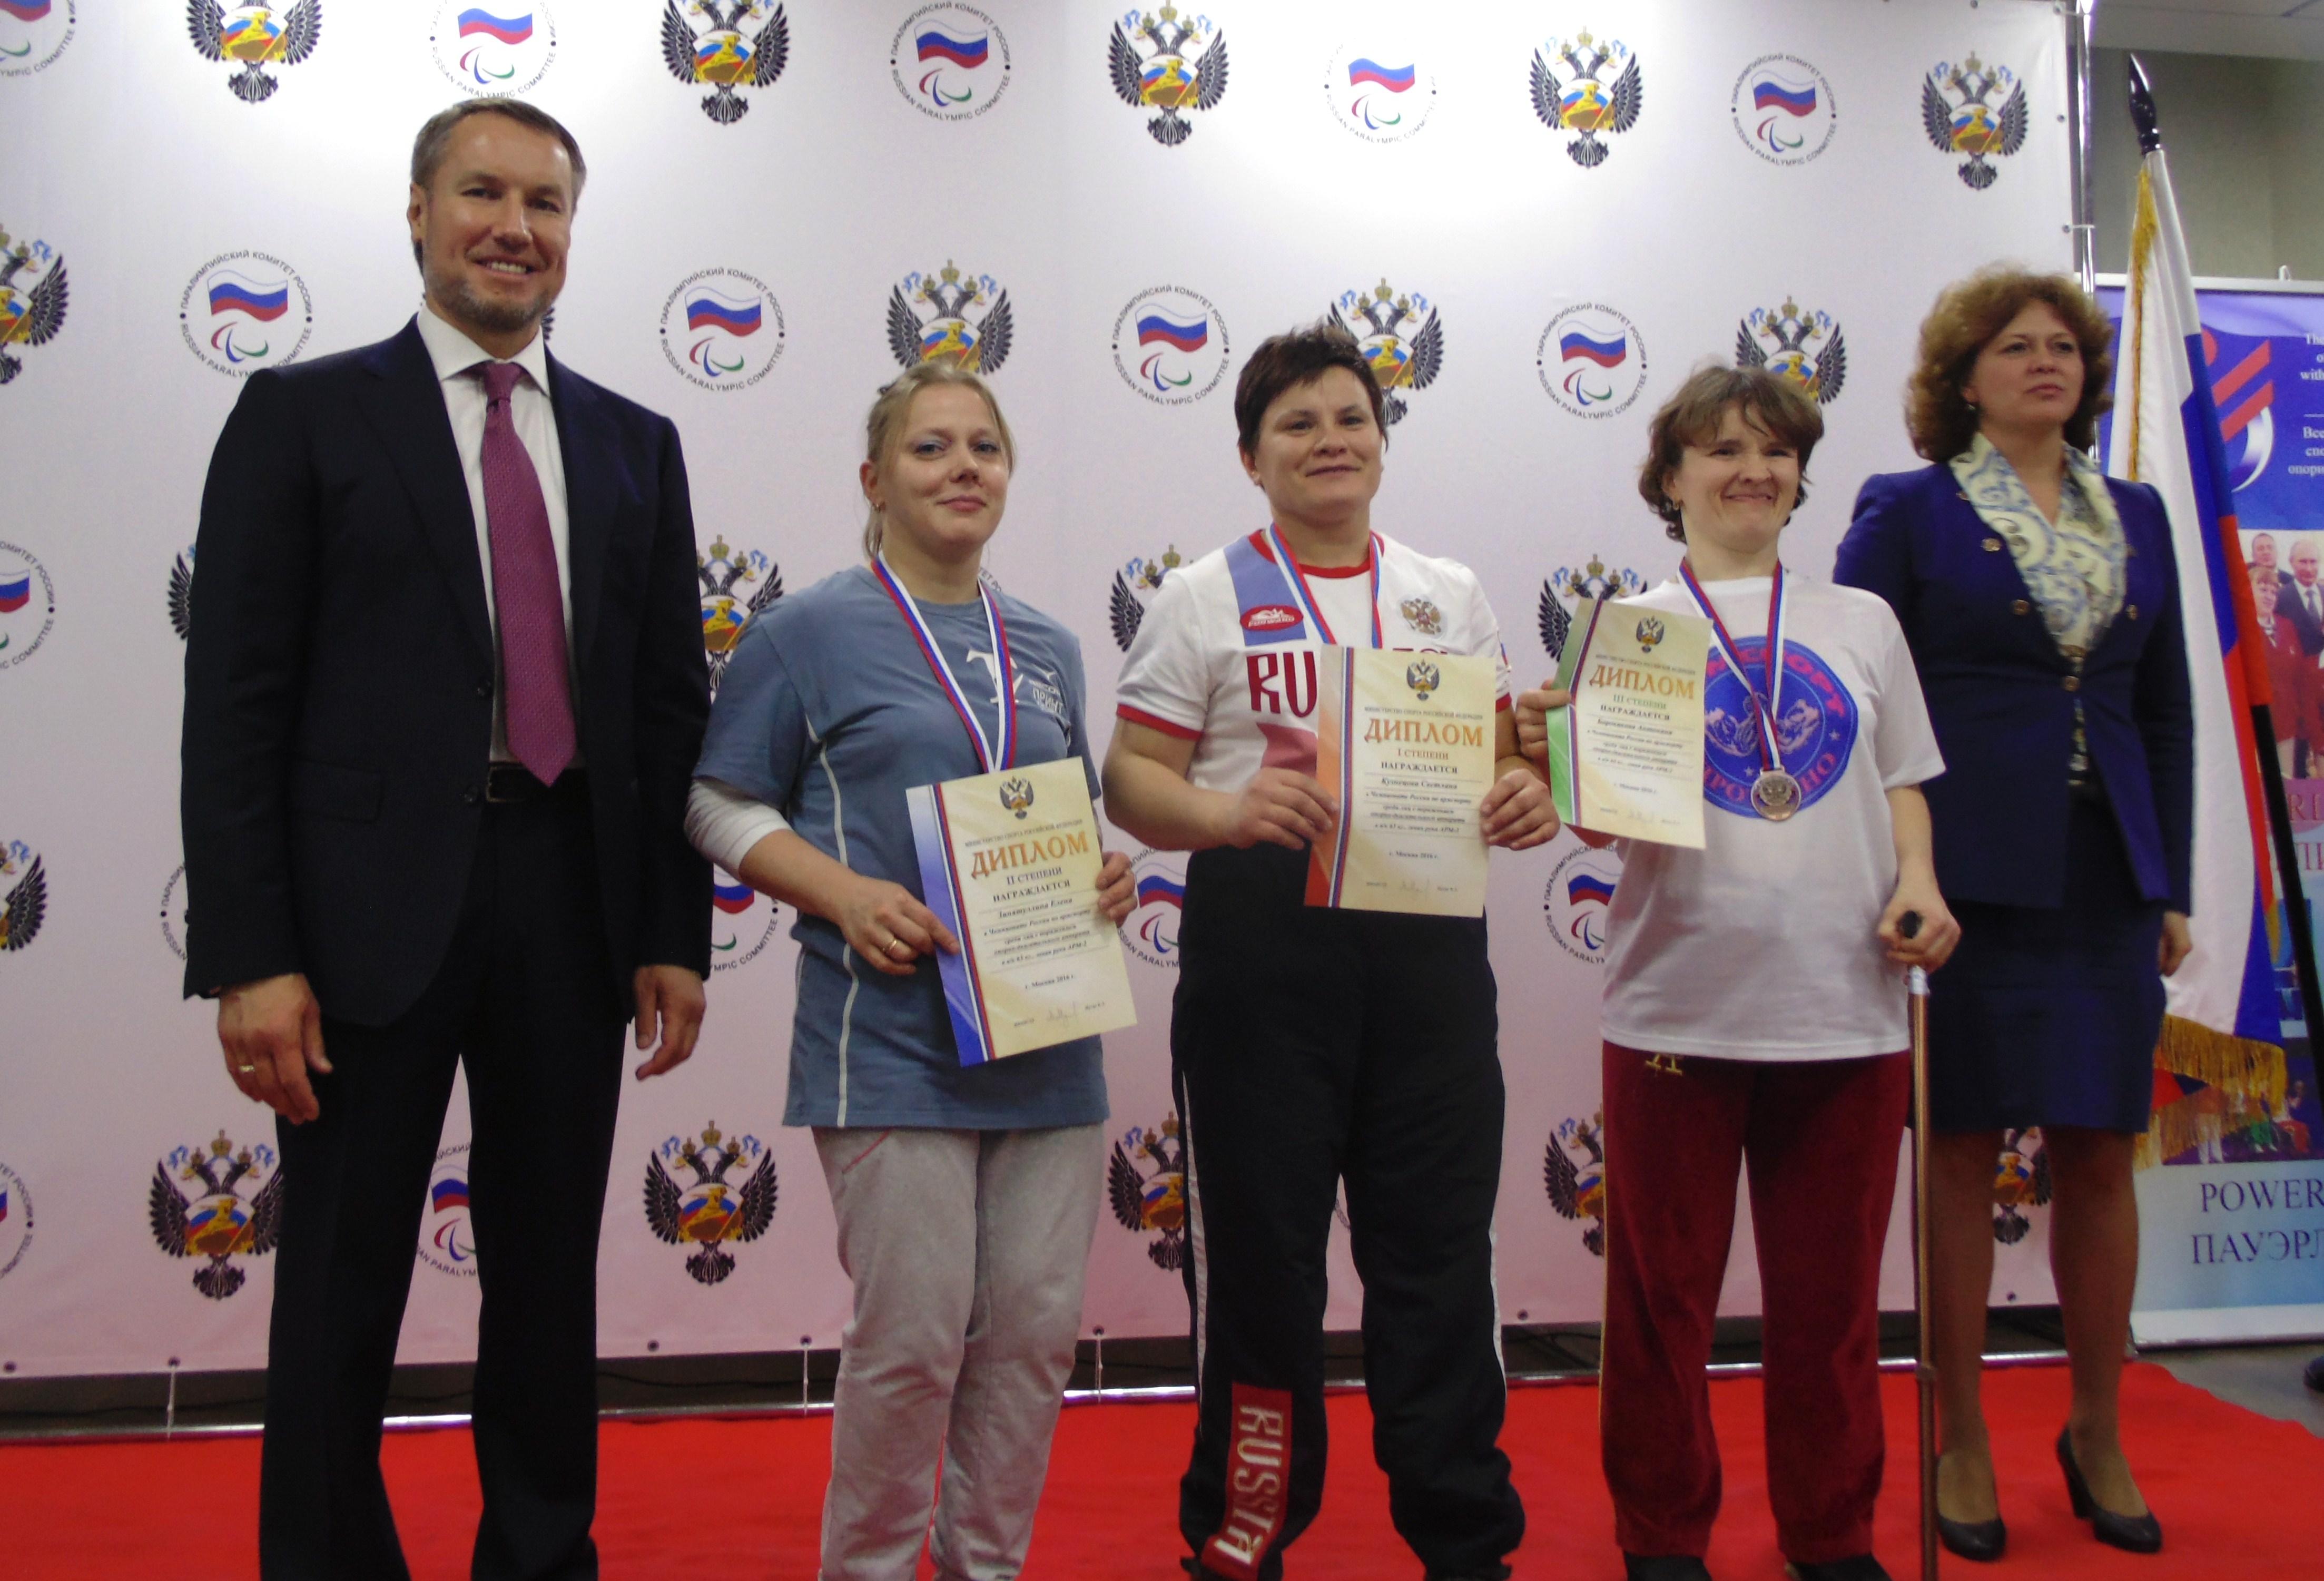 Елена Зинятуллина (на снимке вторая слева) - серебряный призер чемпионата России